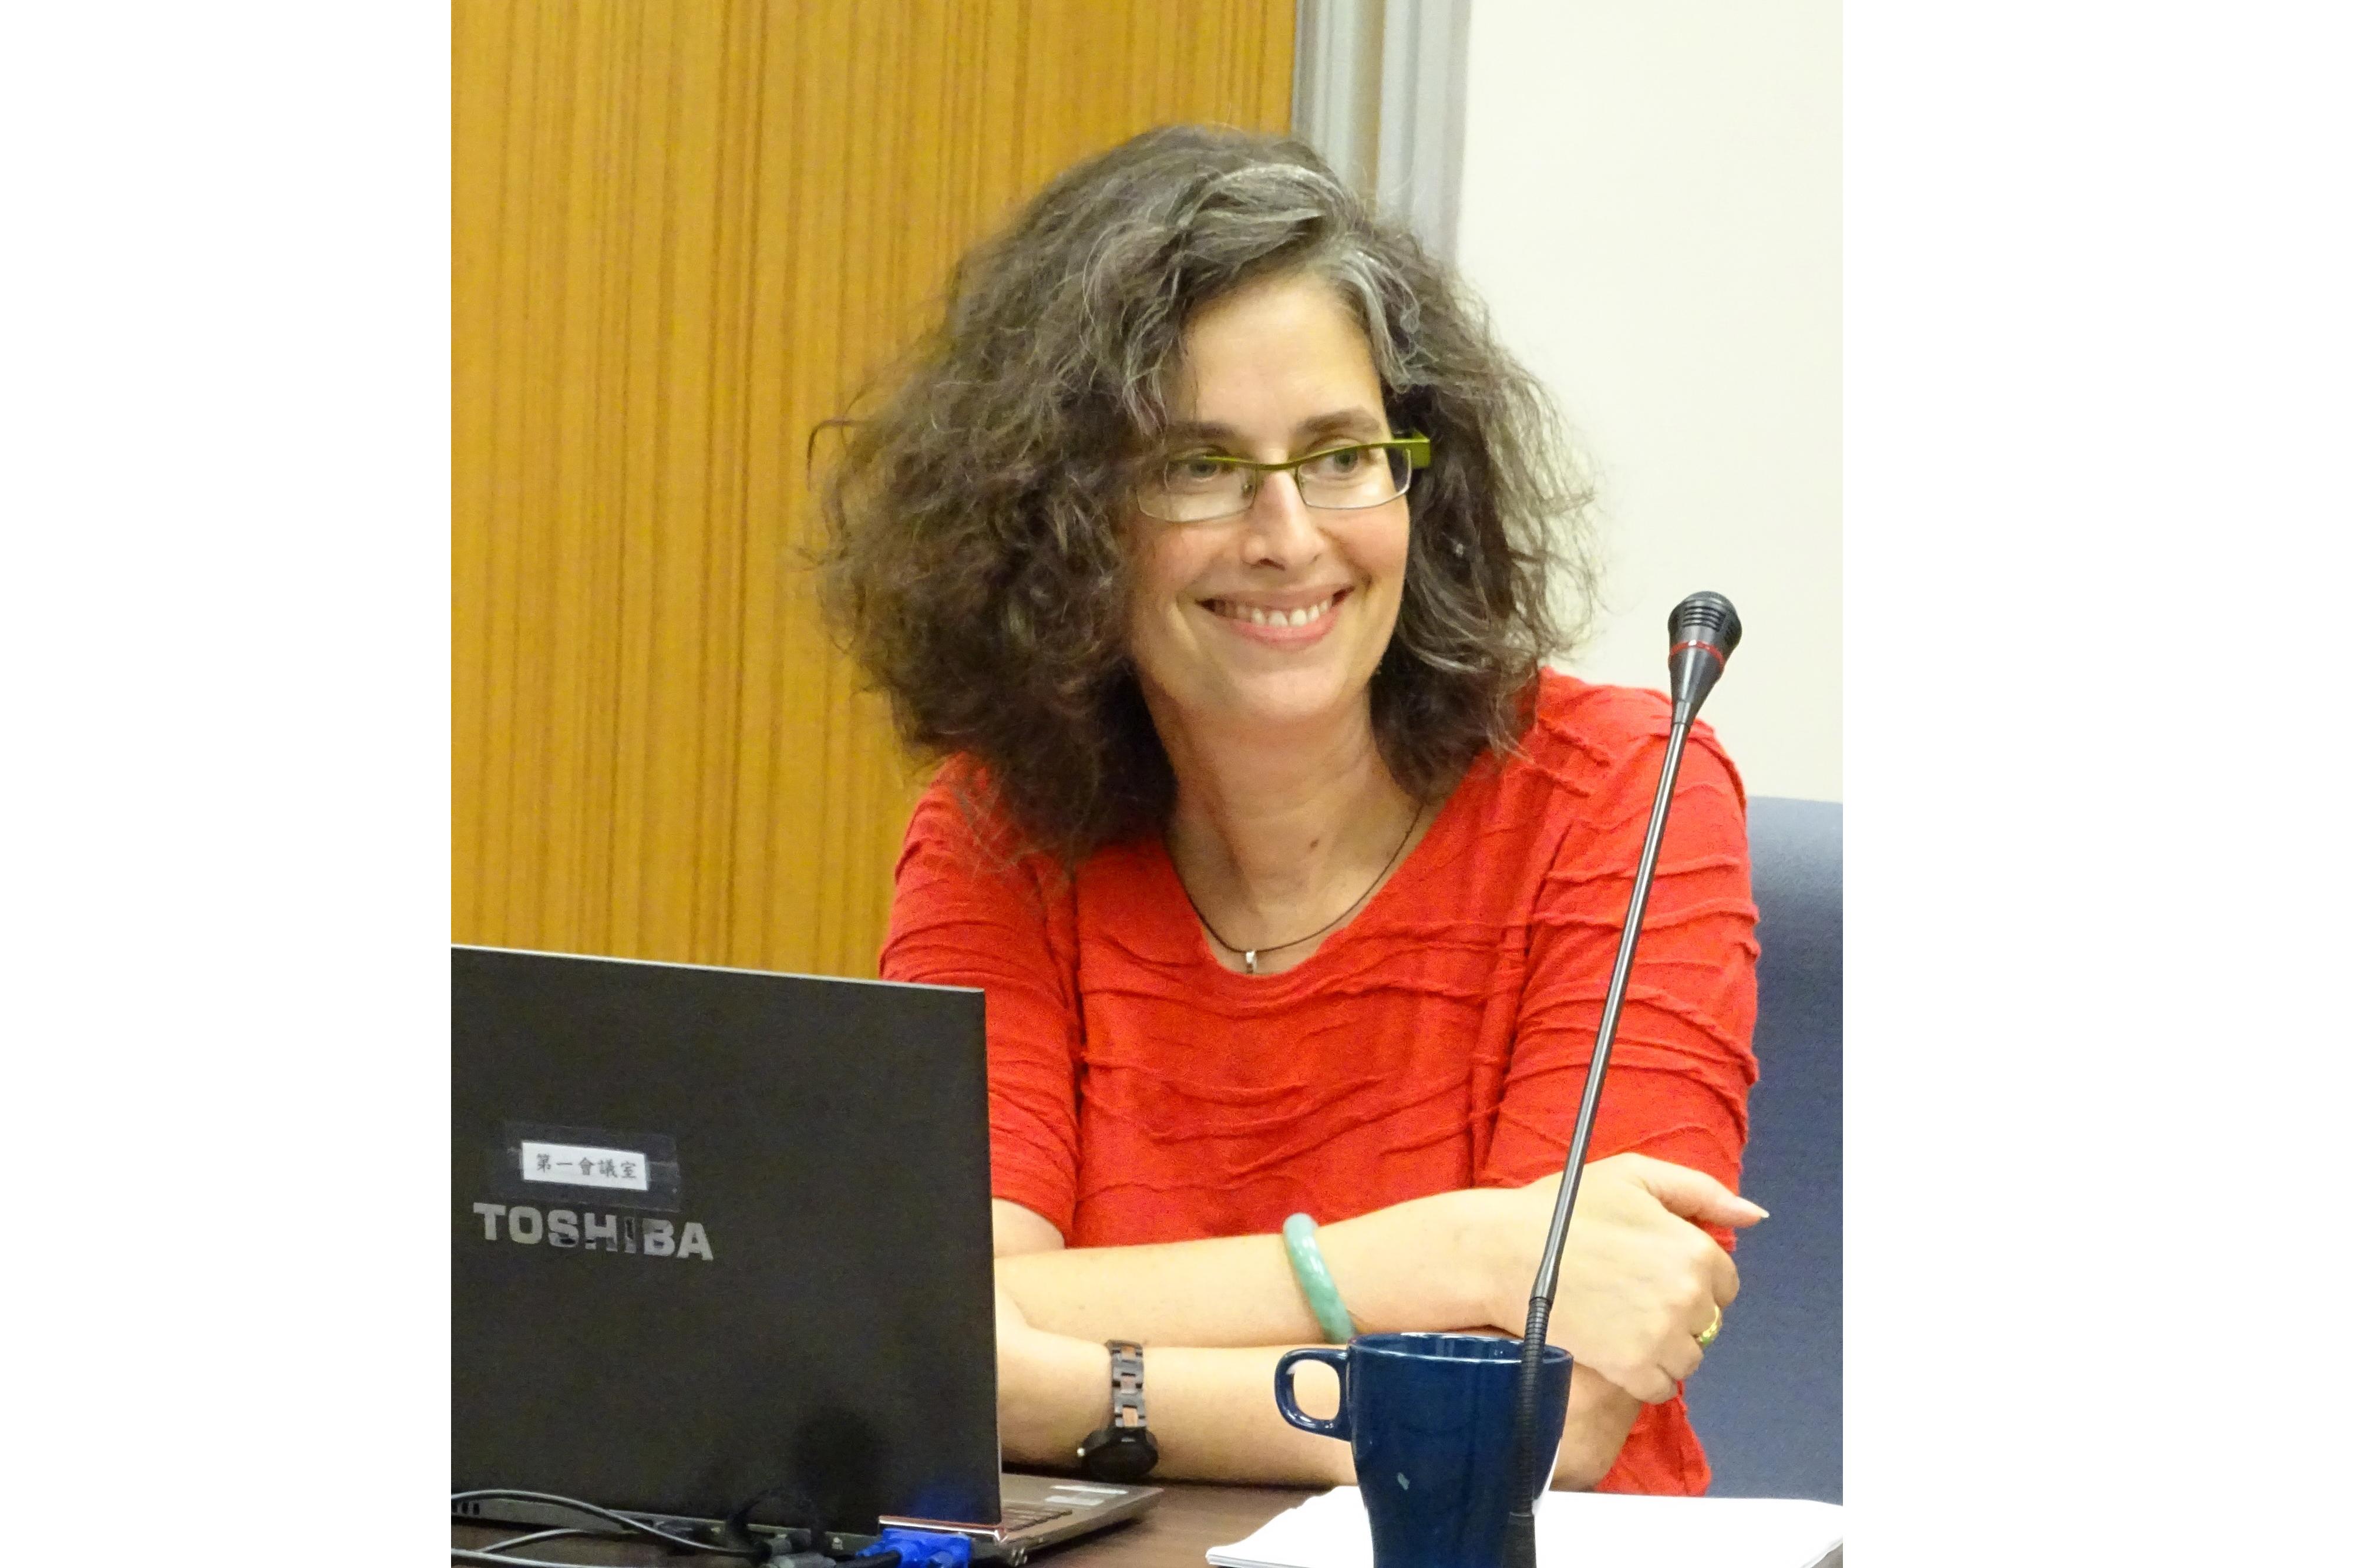 梅爾清(Tobie Meyer-Fong)教授演講「乾嘉變革的再思考」紀要